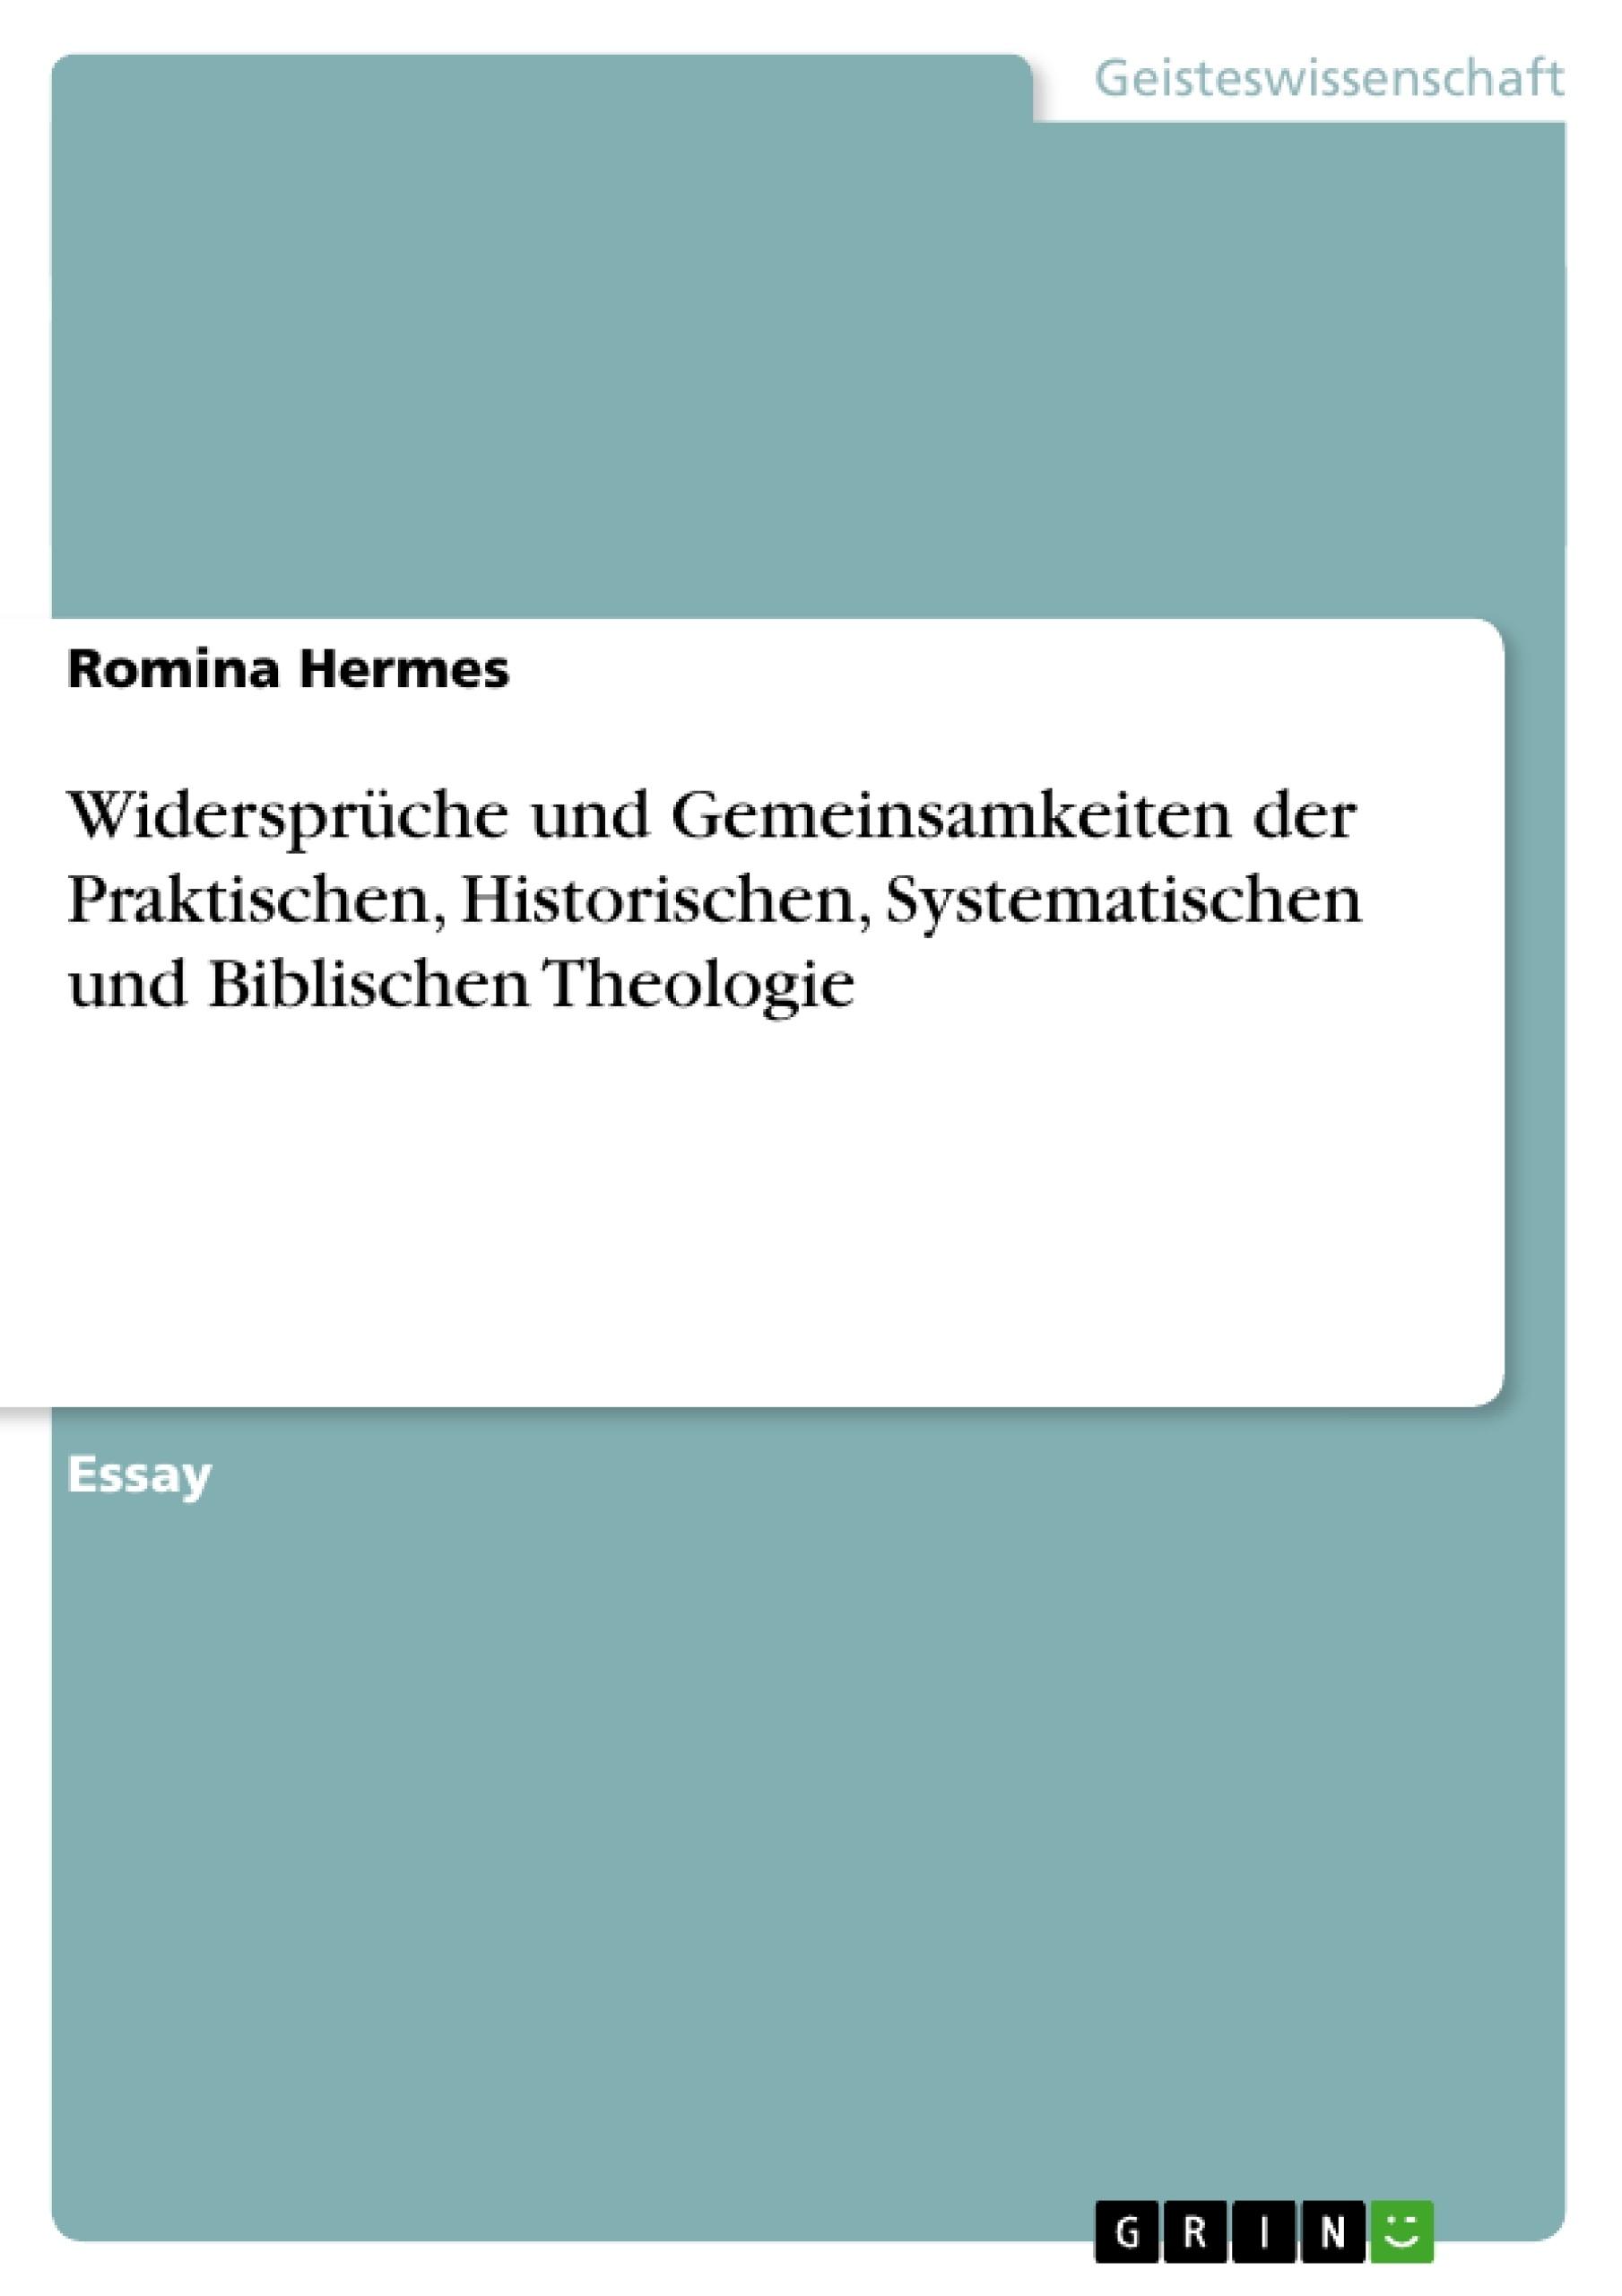 Titel: Widersprüche und Gemeinsamkeiten der Praktischen, Historischen, Systematischen und Biblischen Theologie